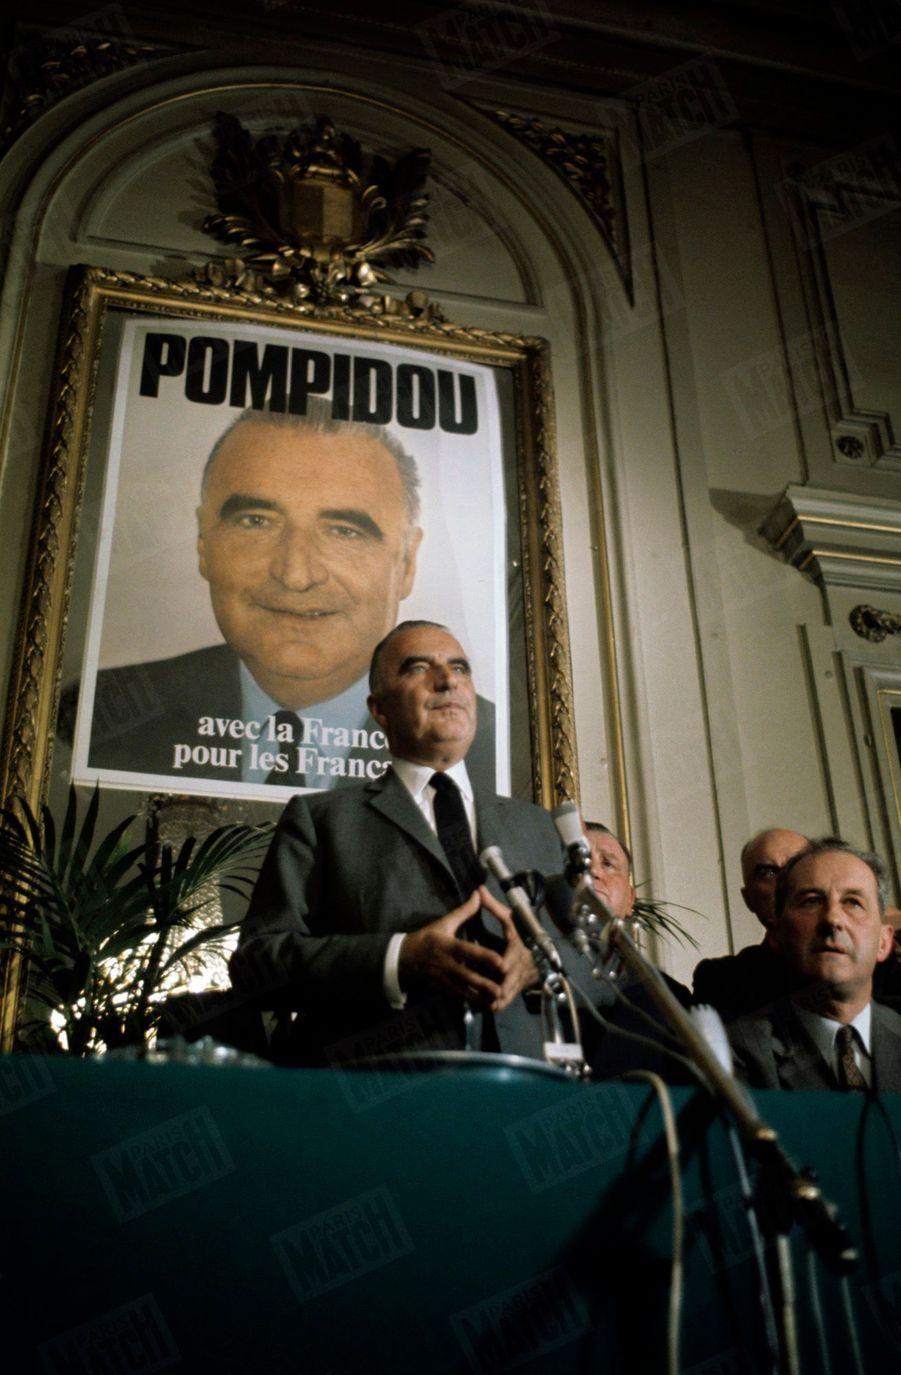 Georges Pompidou en mai 1969, lors de la campagne électorale des élections présidentielles.